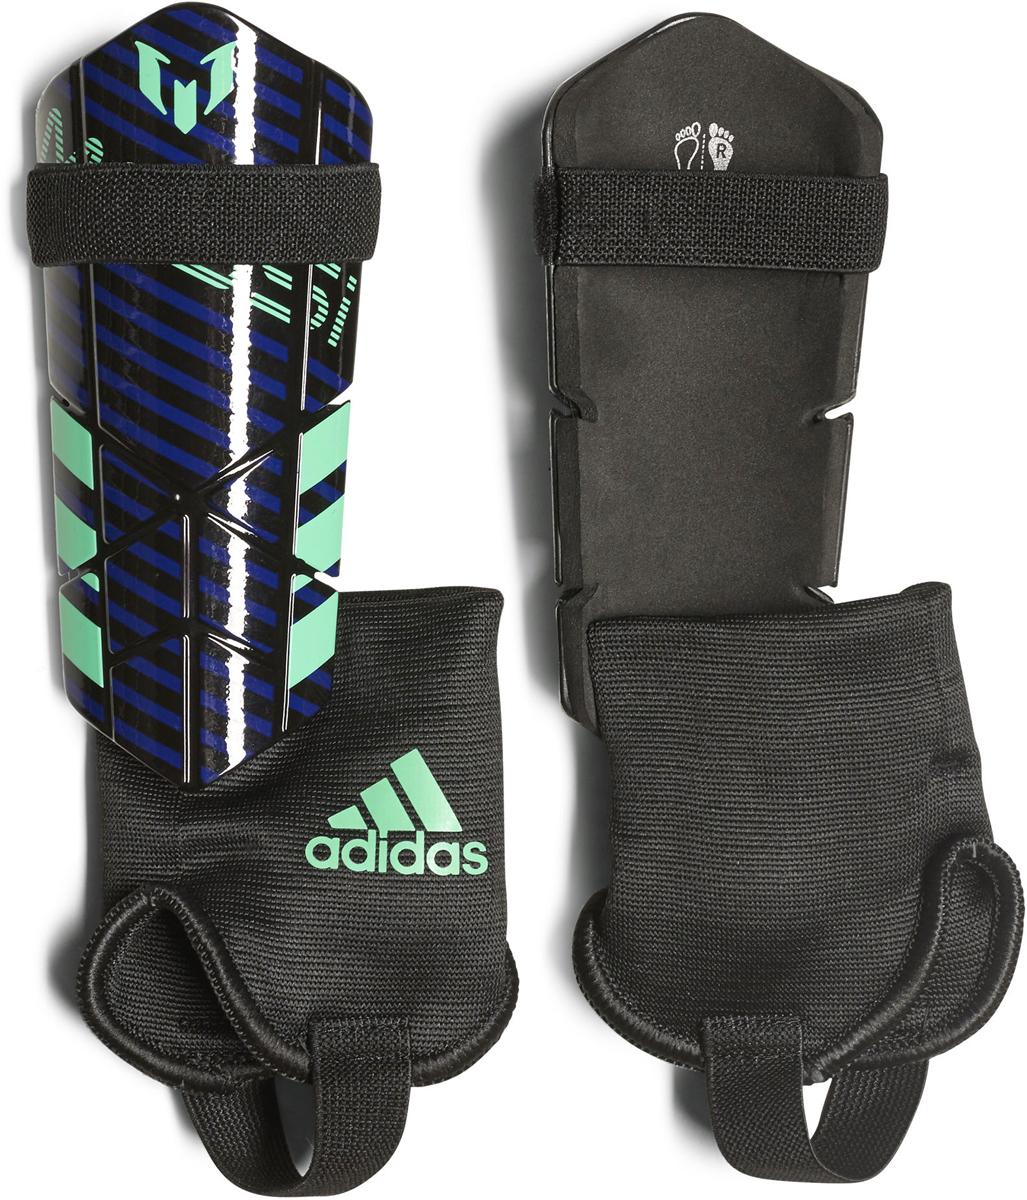 Щитки футбольные Adidas  Messi 10 Youth , цвет: синий, черный. Размер L - Командные виды спорта